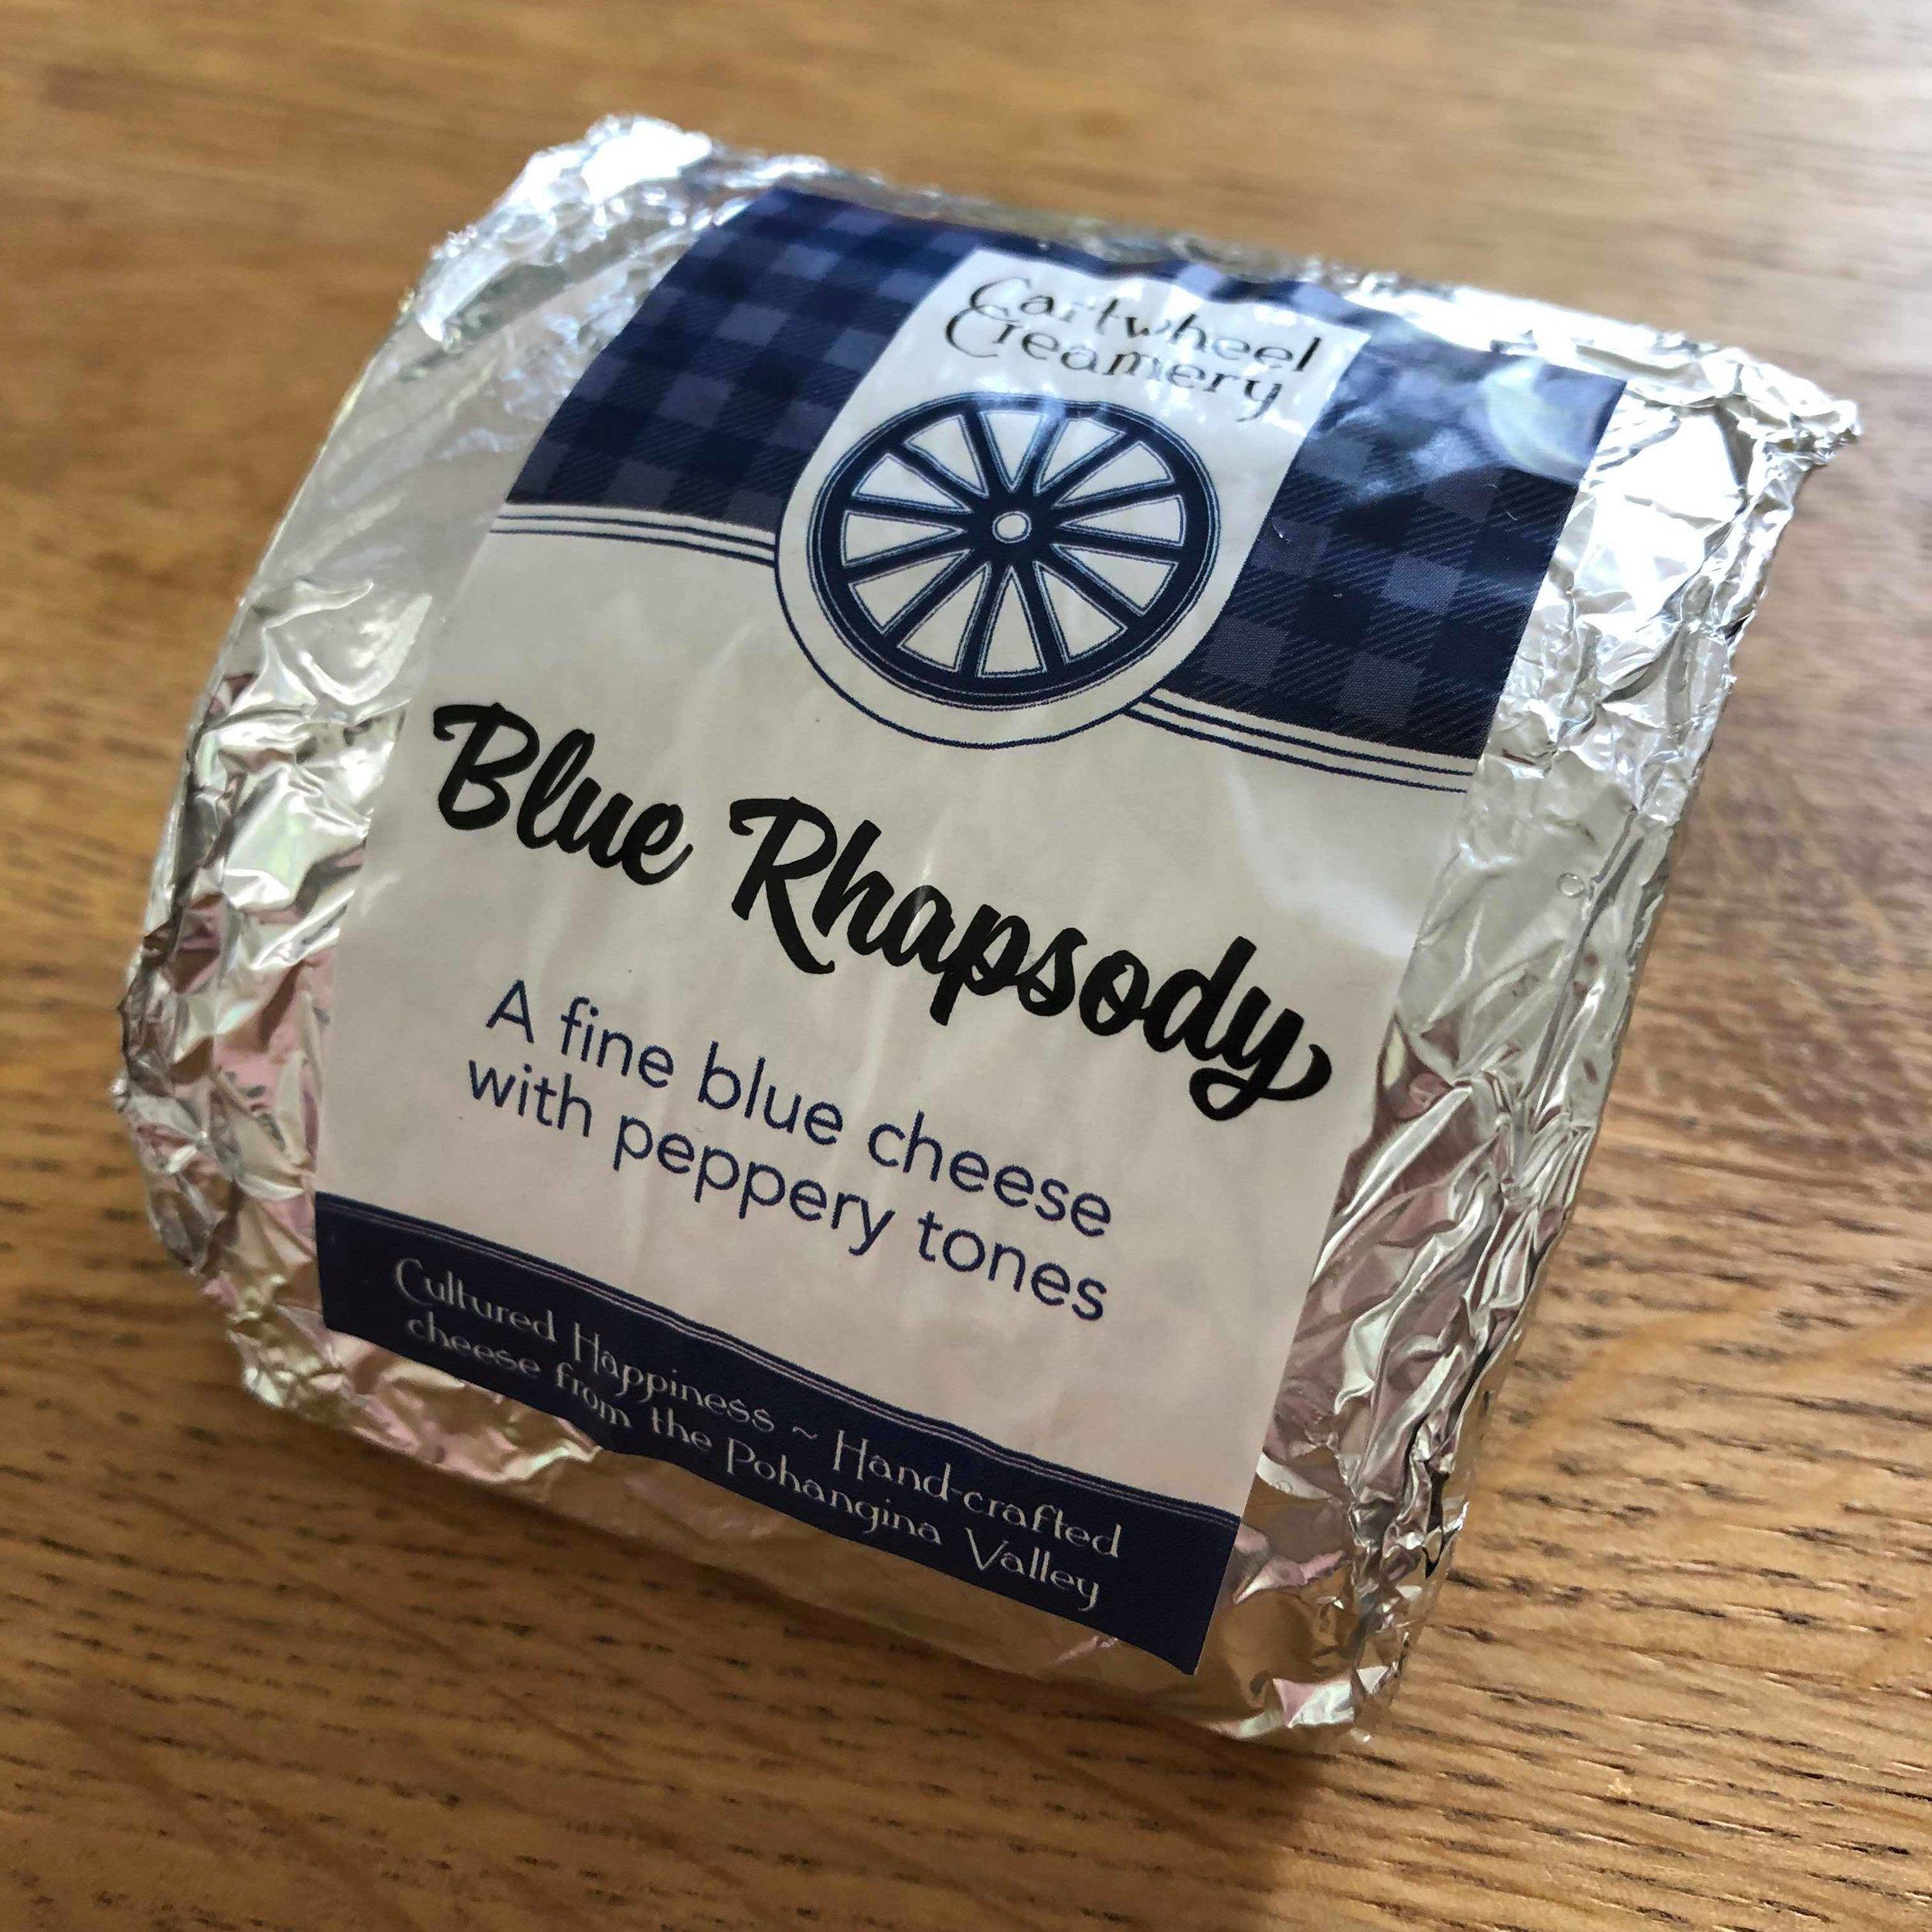 Cartwheel Creamery Blue Rhapsody - Packaging